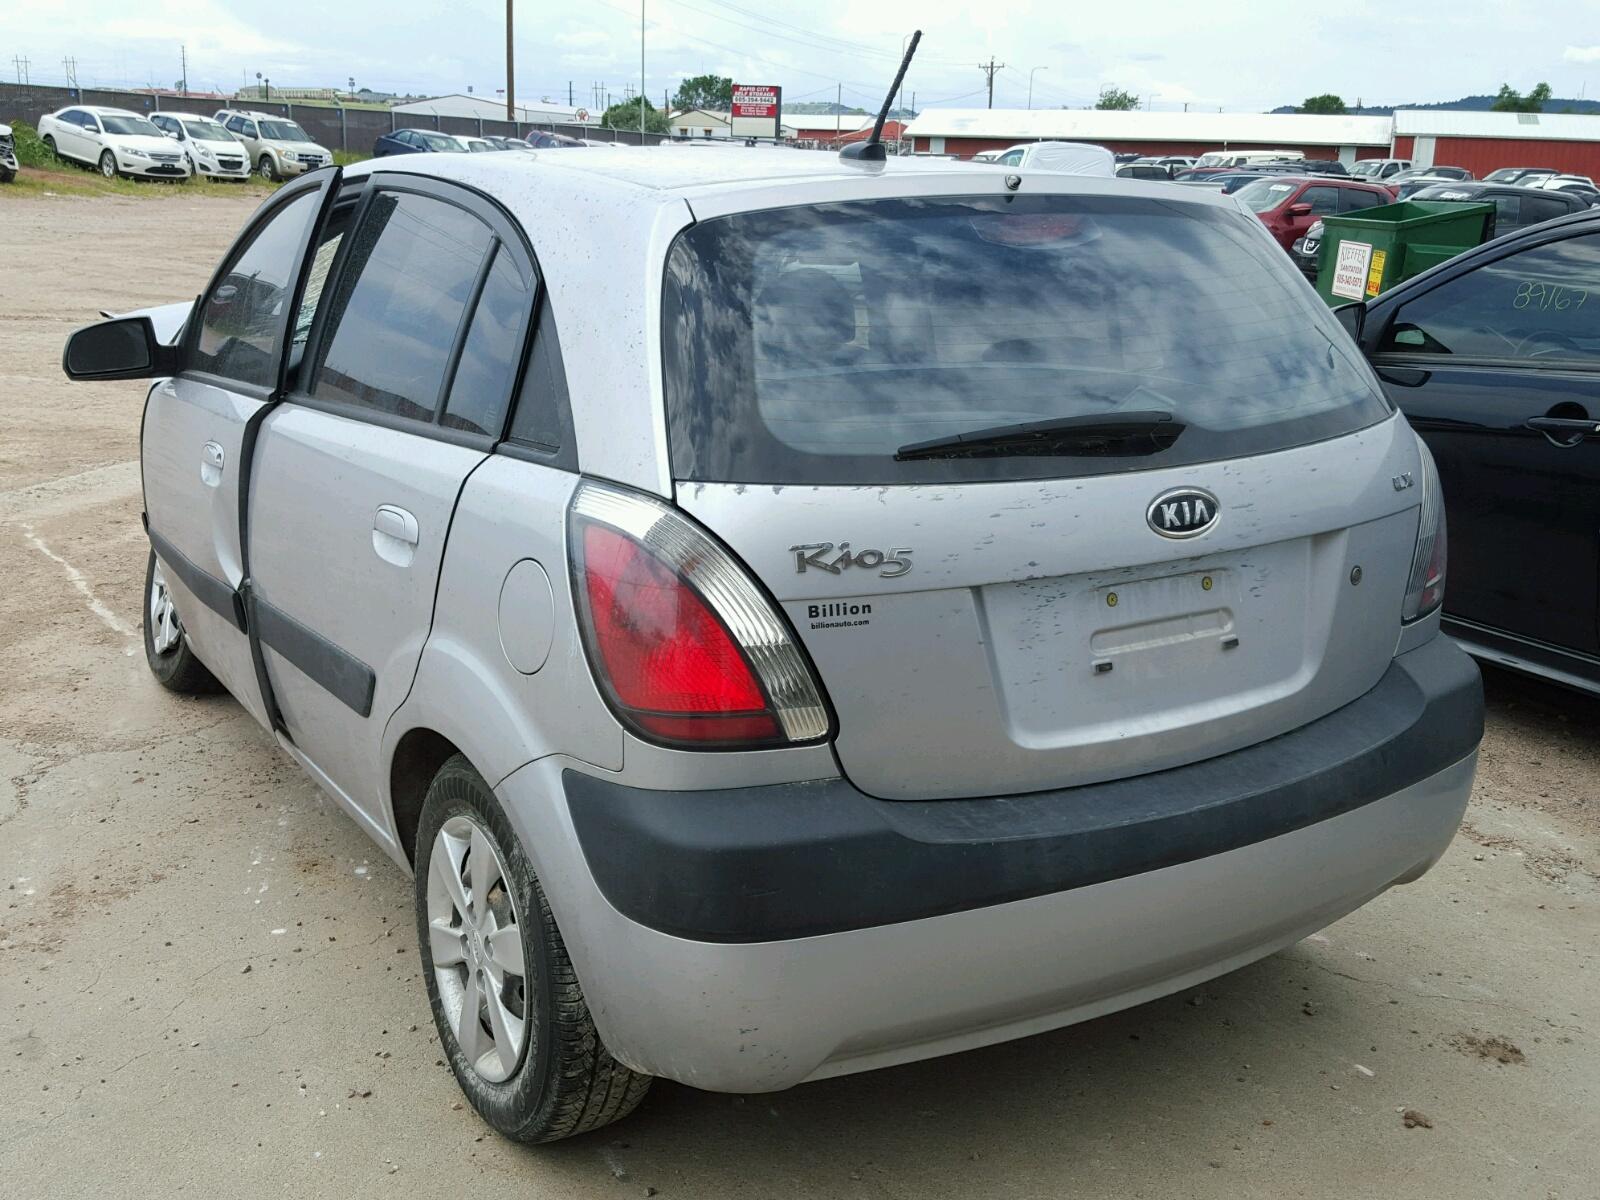 2009 Kia Rio 5 Sx For Sale At Copart Billings Mt Lot 41085318 Rio5